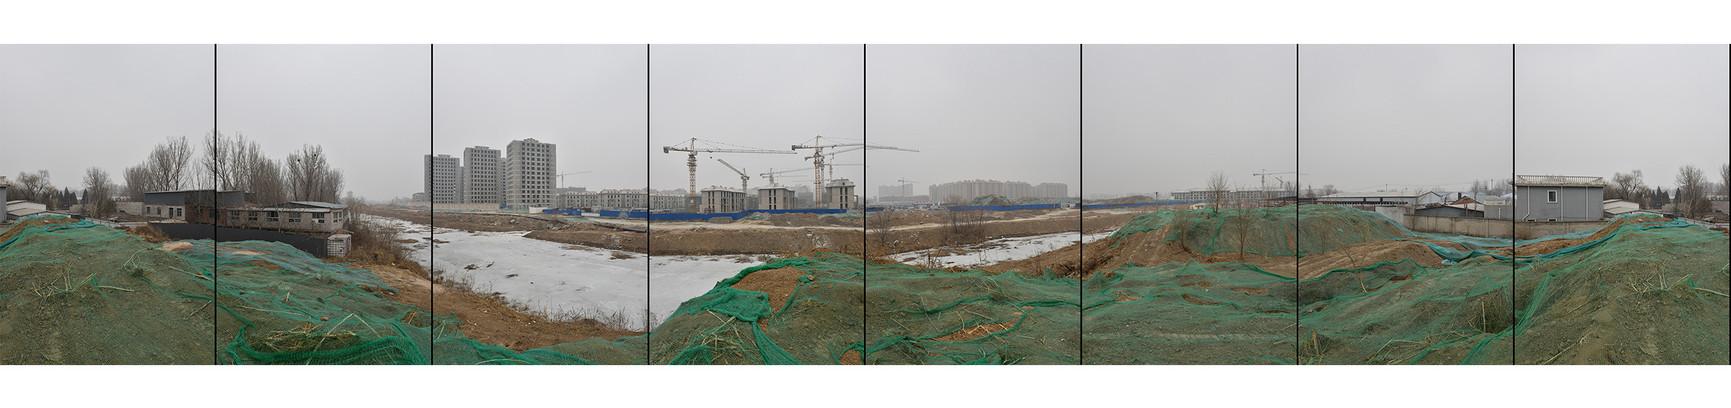 北京废墟26.jpg